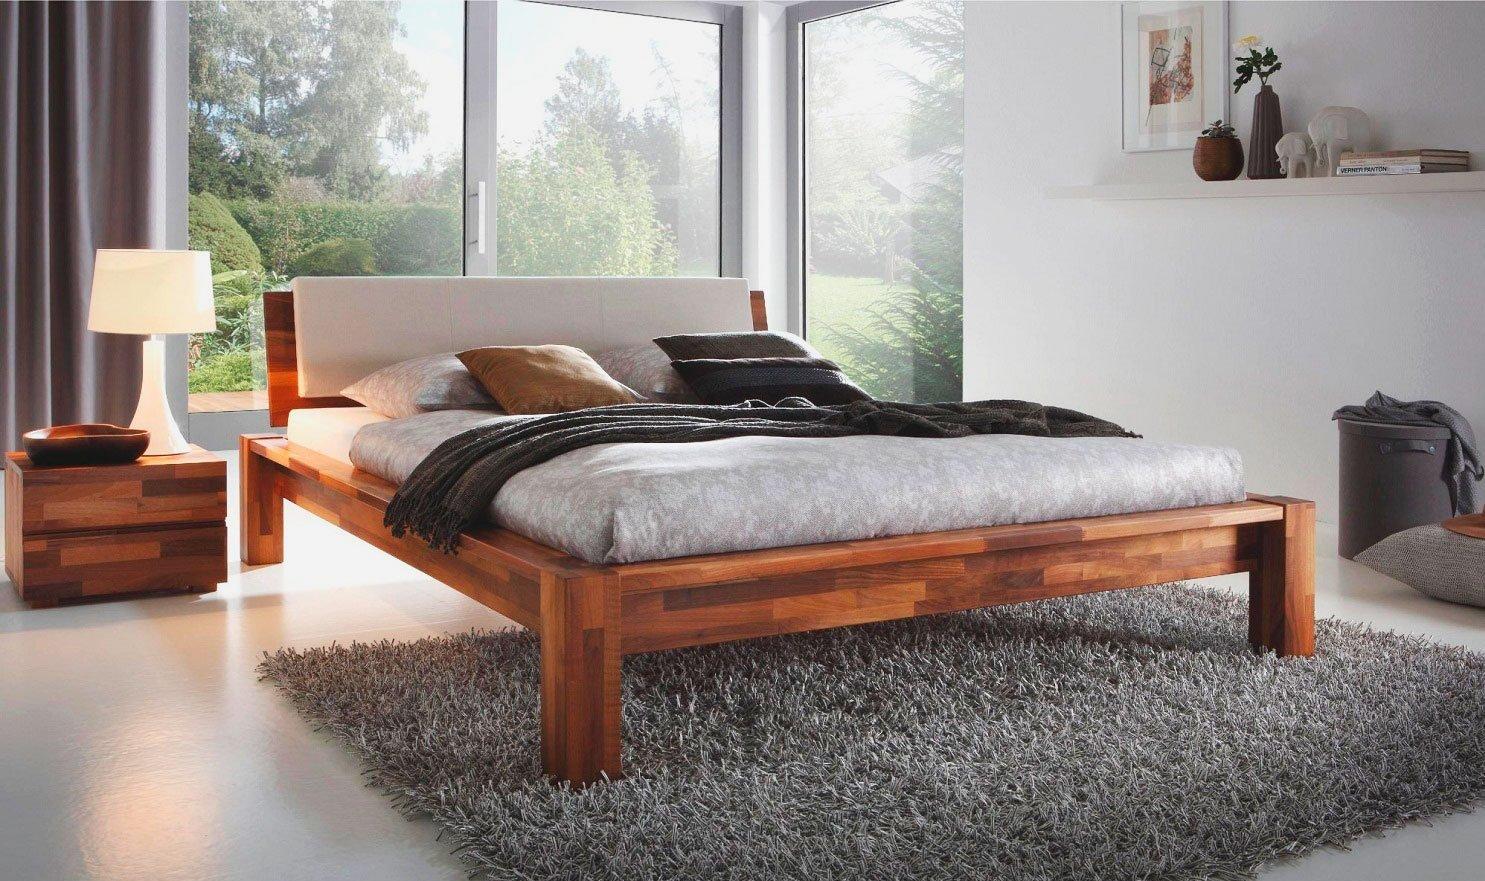 Кровать из массива дерева в интерьере